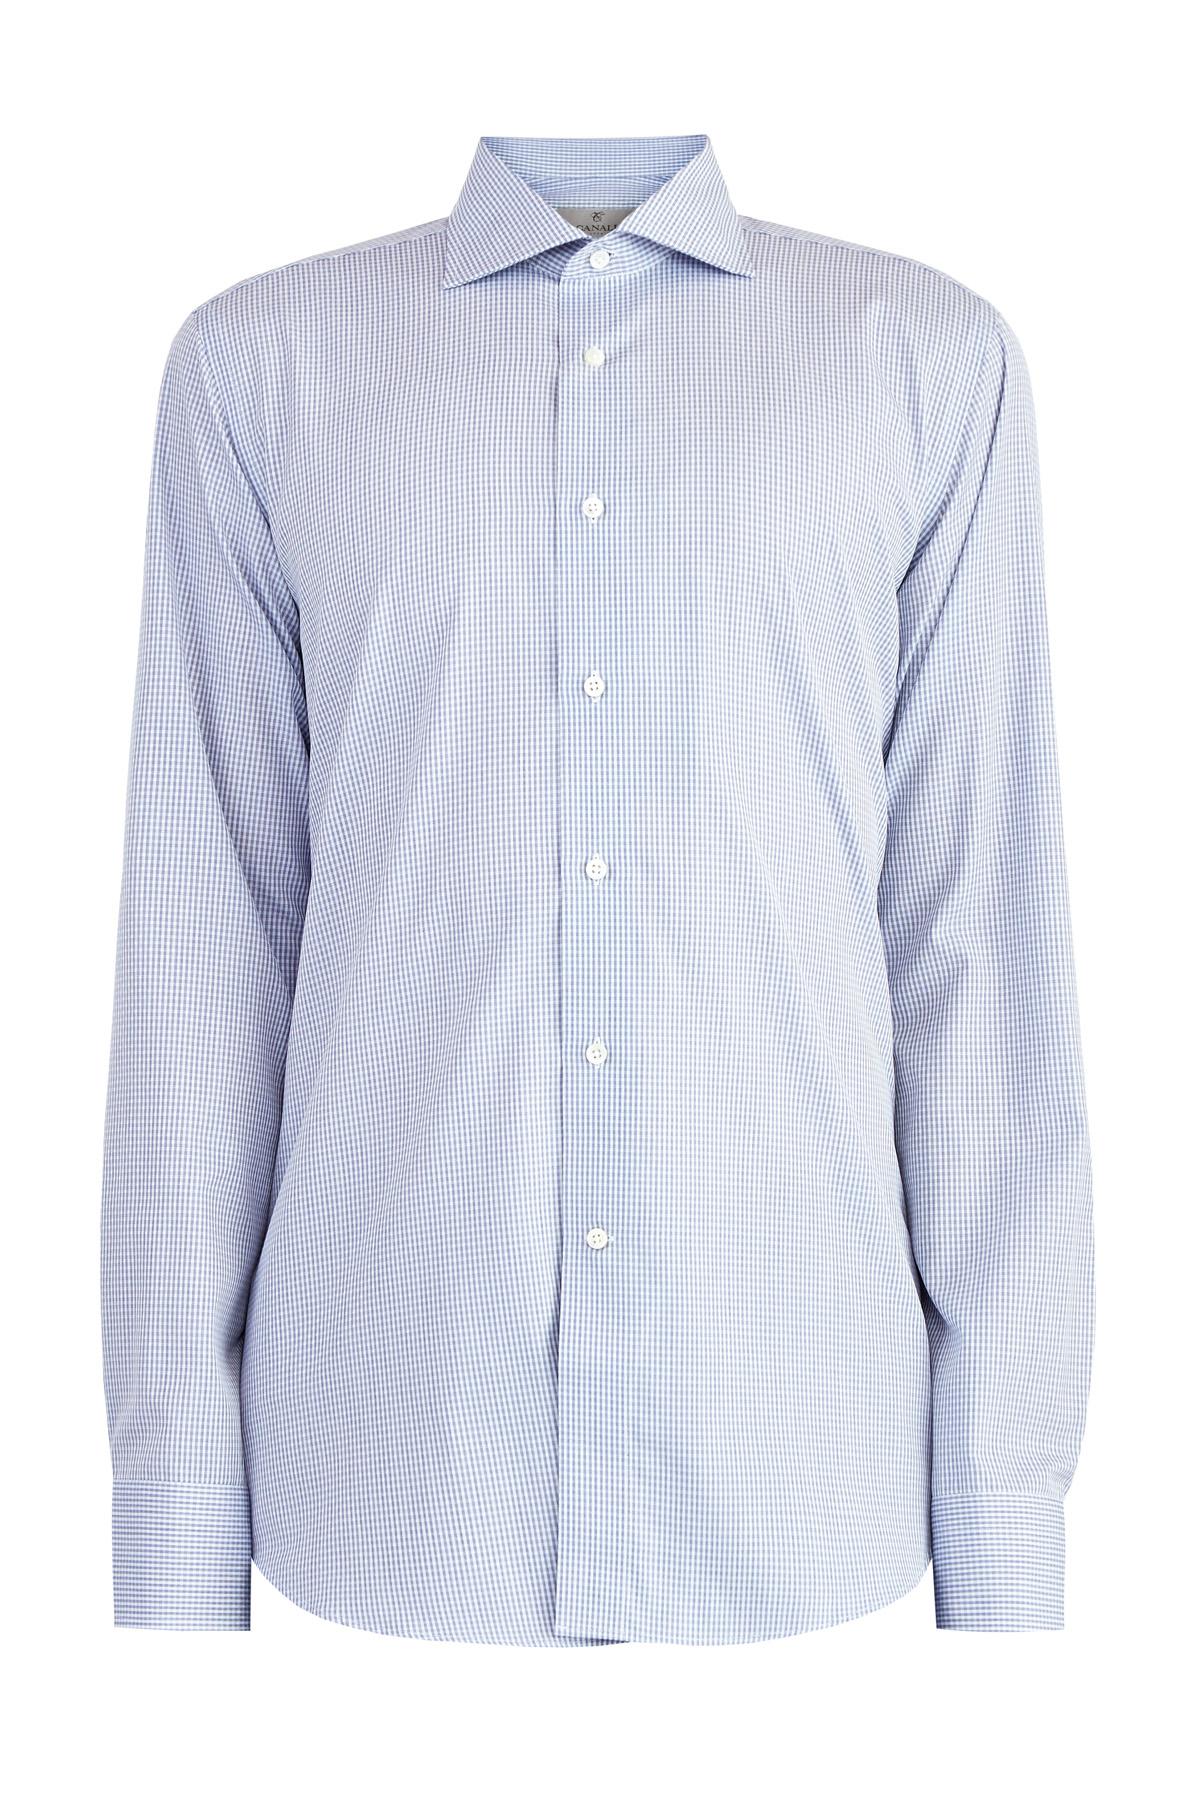 Классическая рубашка из хлопка Impeccabile с тканым микро-принтом